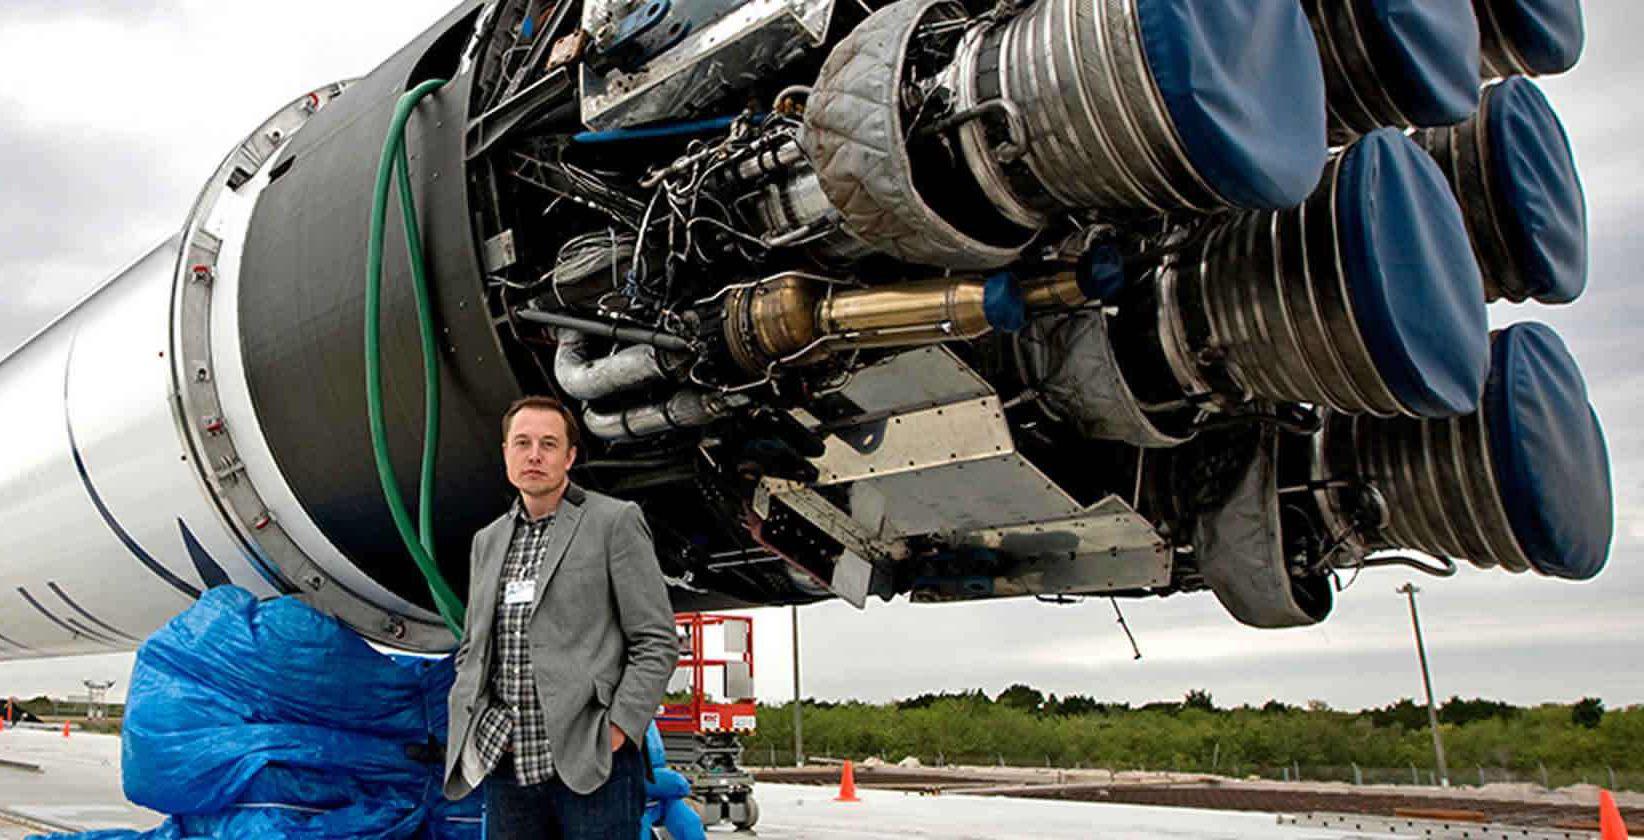 俄停止向美国供应火箭发动机_马斯克也慌了,美国刚要重返月球就要被制裁?关键技术缺失 ...